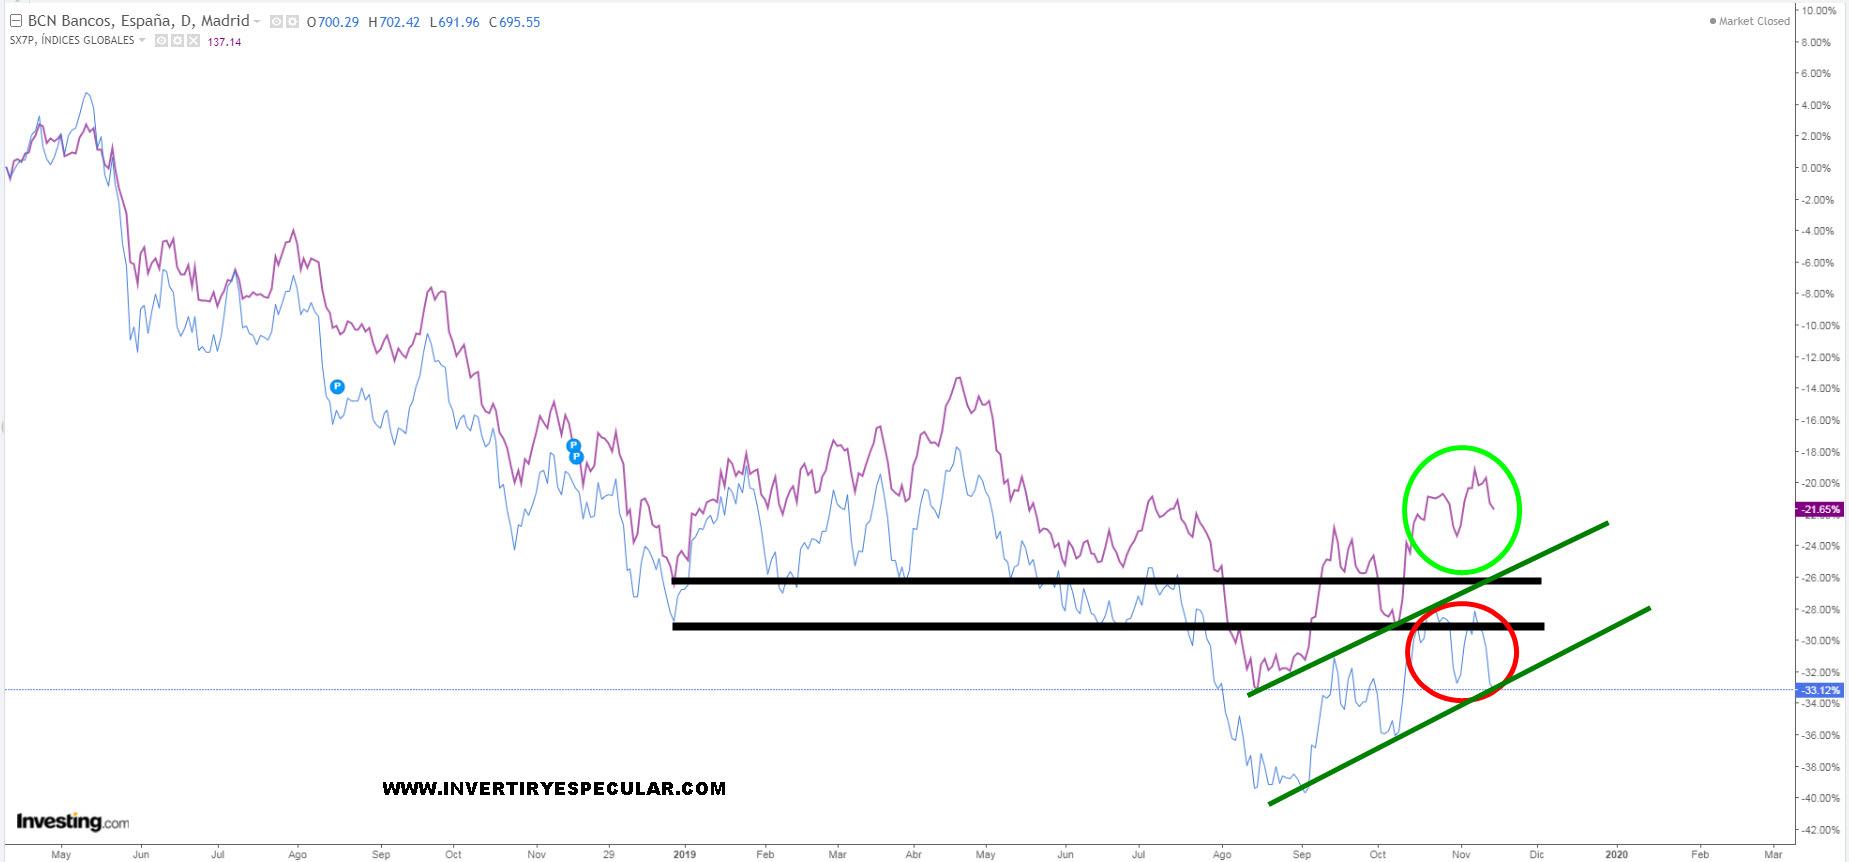 El bancario y energético español vs sectorial STOXX 600